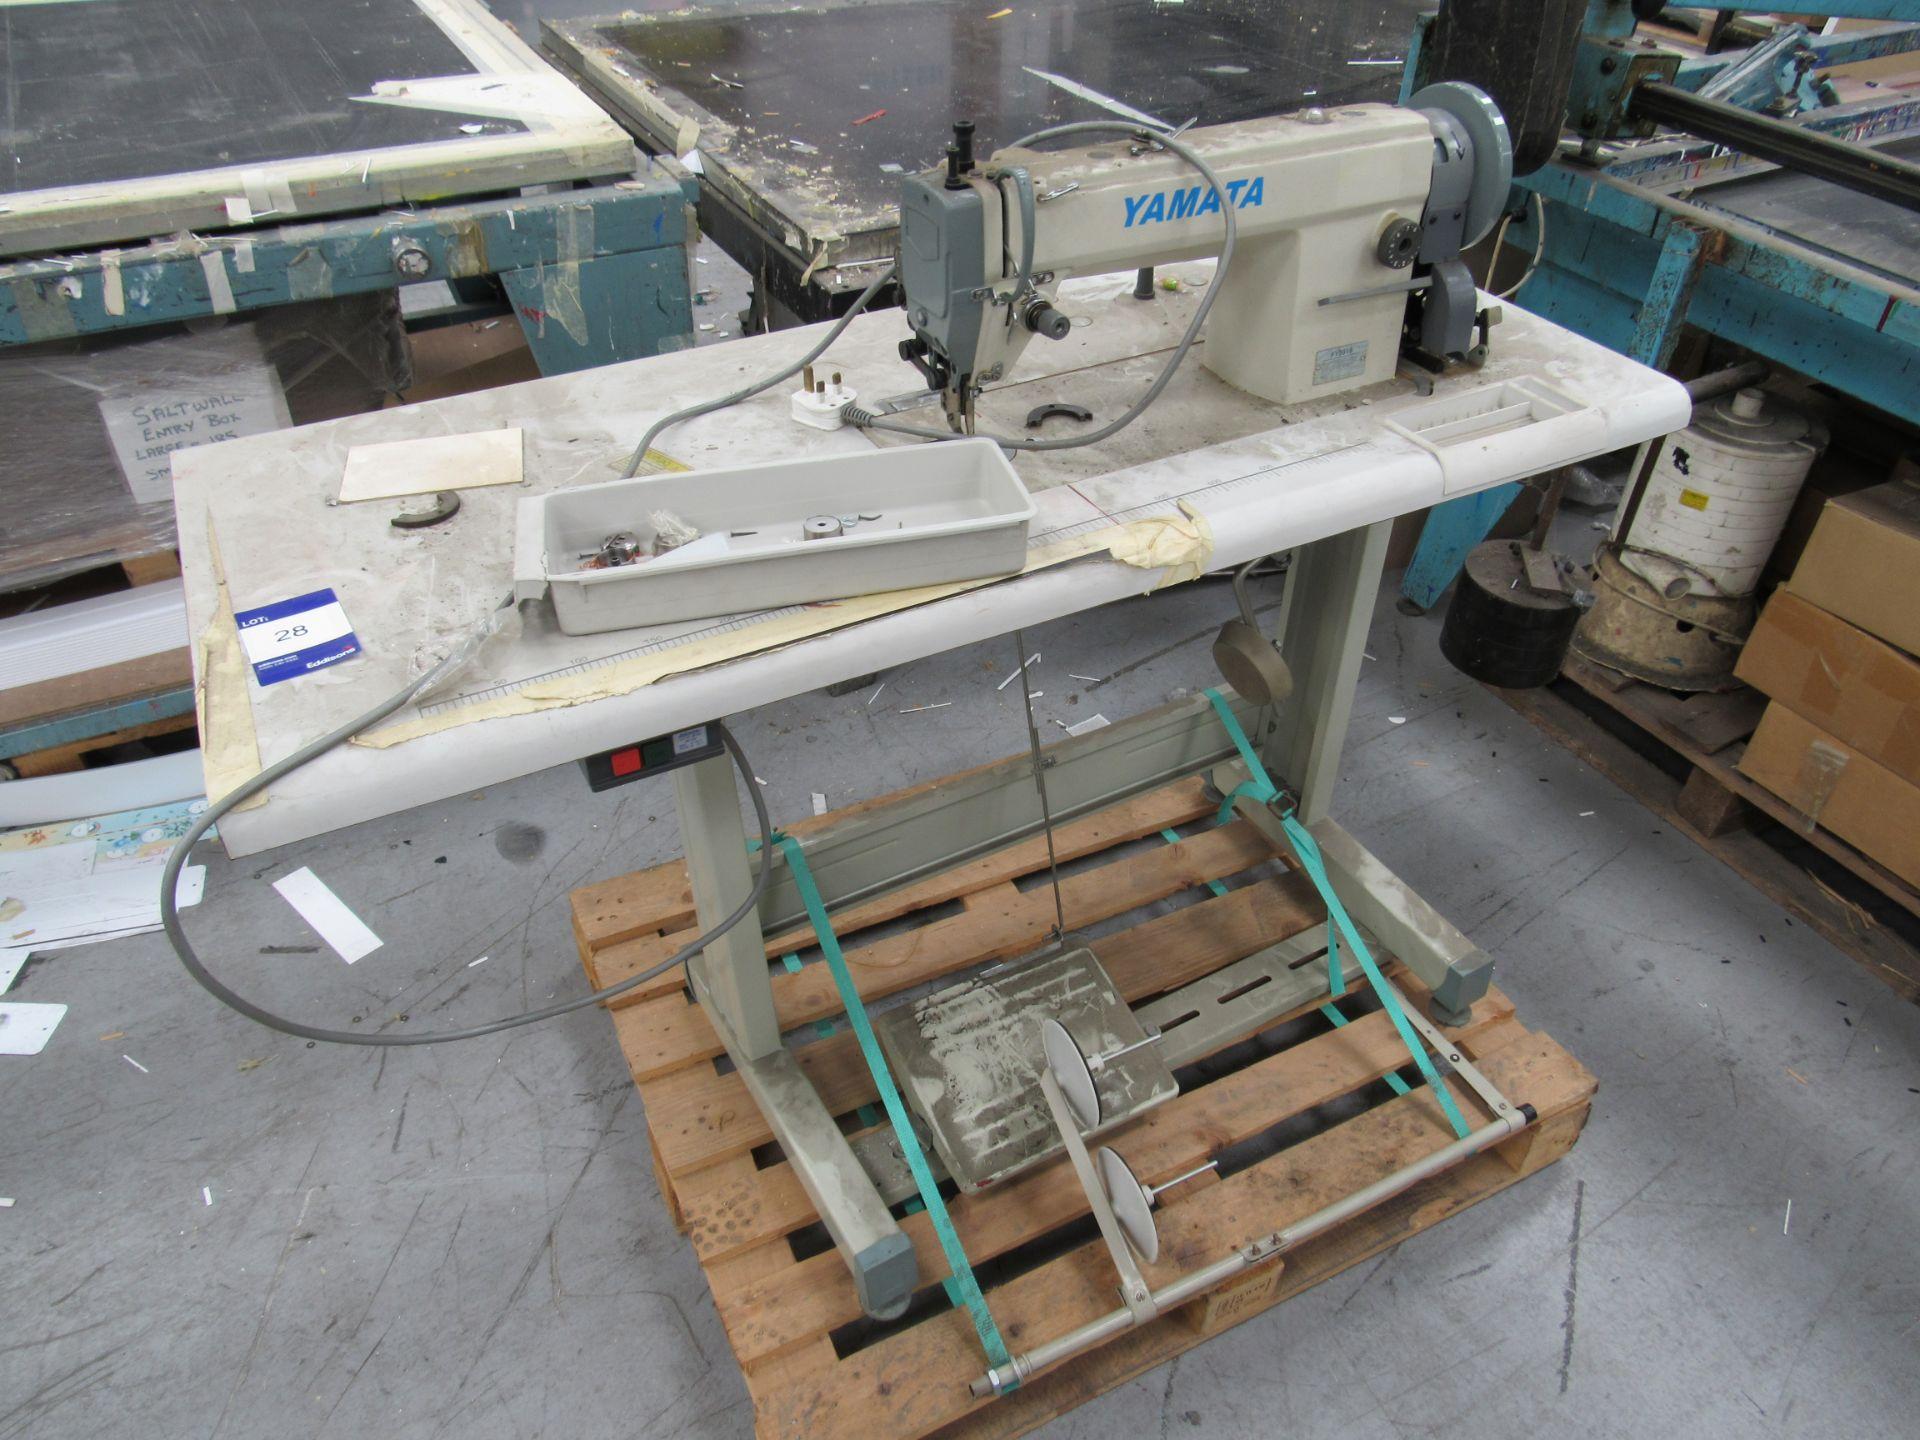 Yamata FY5318 High Speed Lock Stitch Sewing Machine